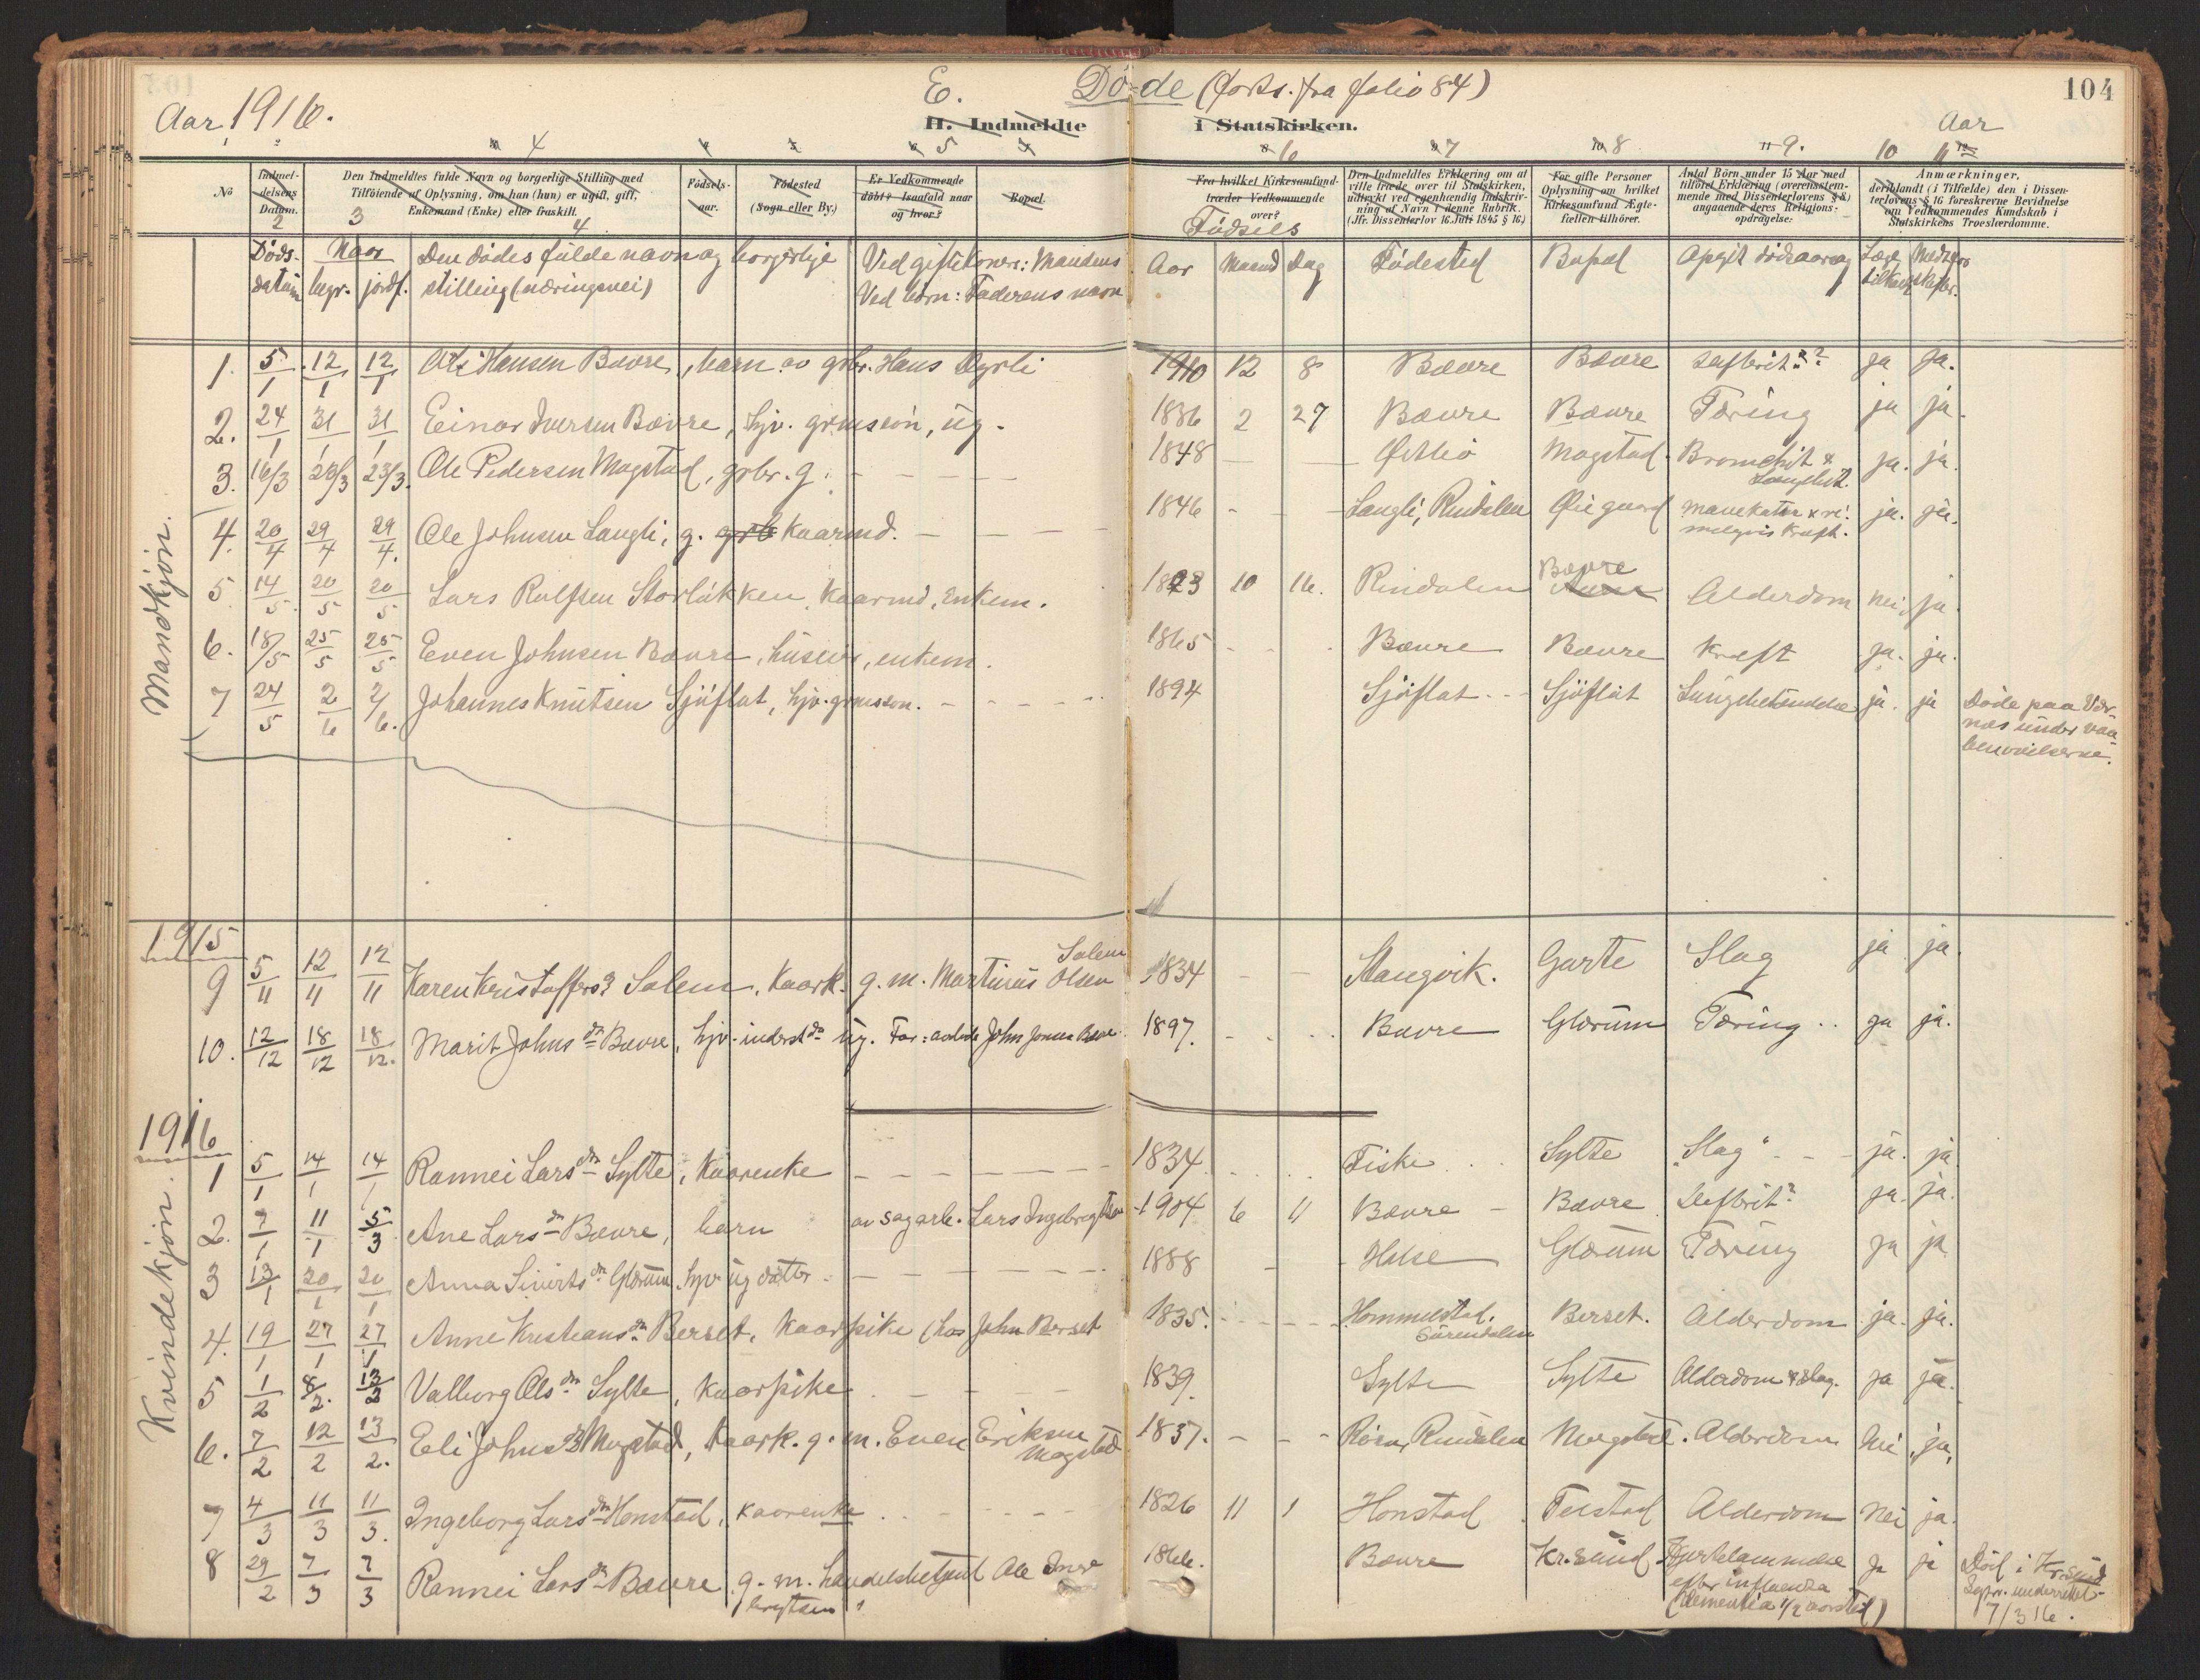 SAT, Ministerialprotokoller, klokkerbøker og fødselsregistre - Møre og Romsdal, 595/L1048: Ministerialbok nr. 595A10, 1900-1917, s. 104